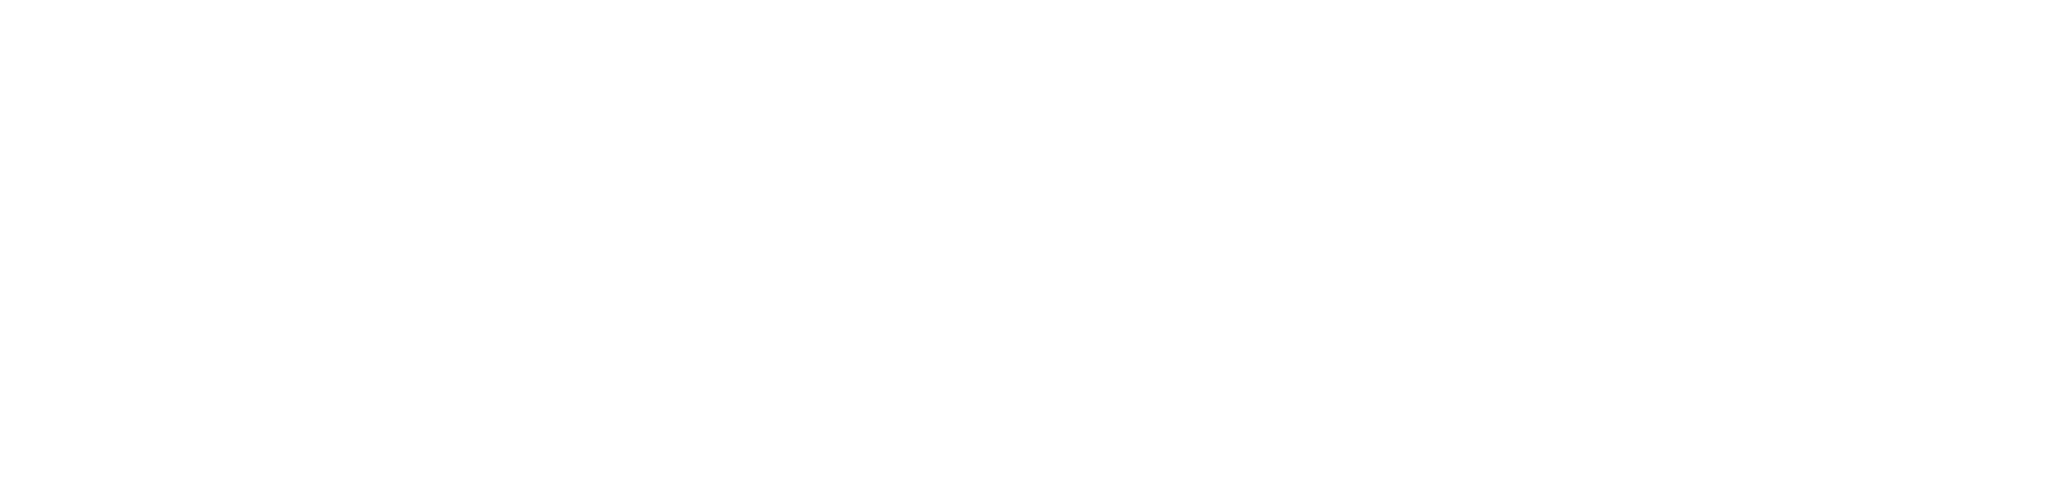 solutionspartnerprogram-web-white-leftaligned